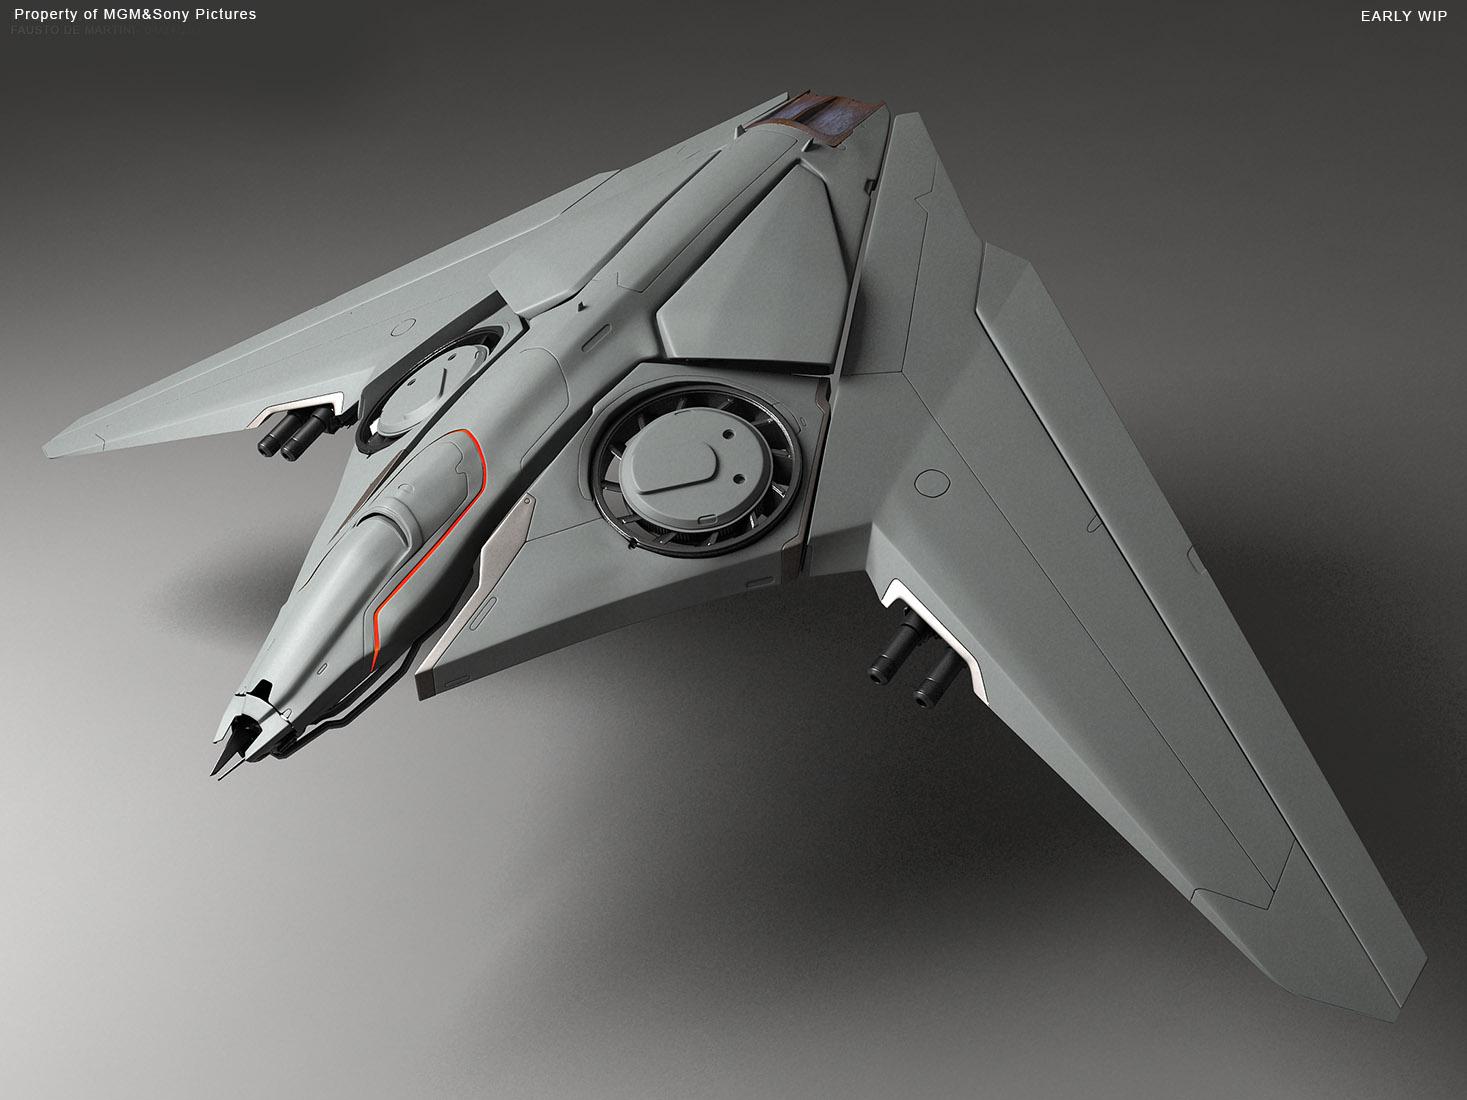 Robocop_Illustration_Drone_V01_Refined_FDeMartini_020234.jpg